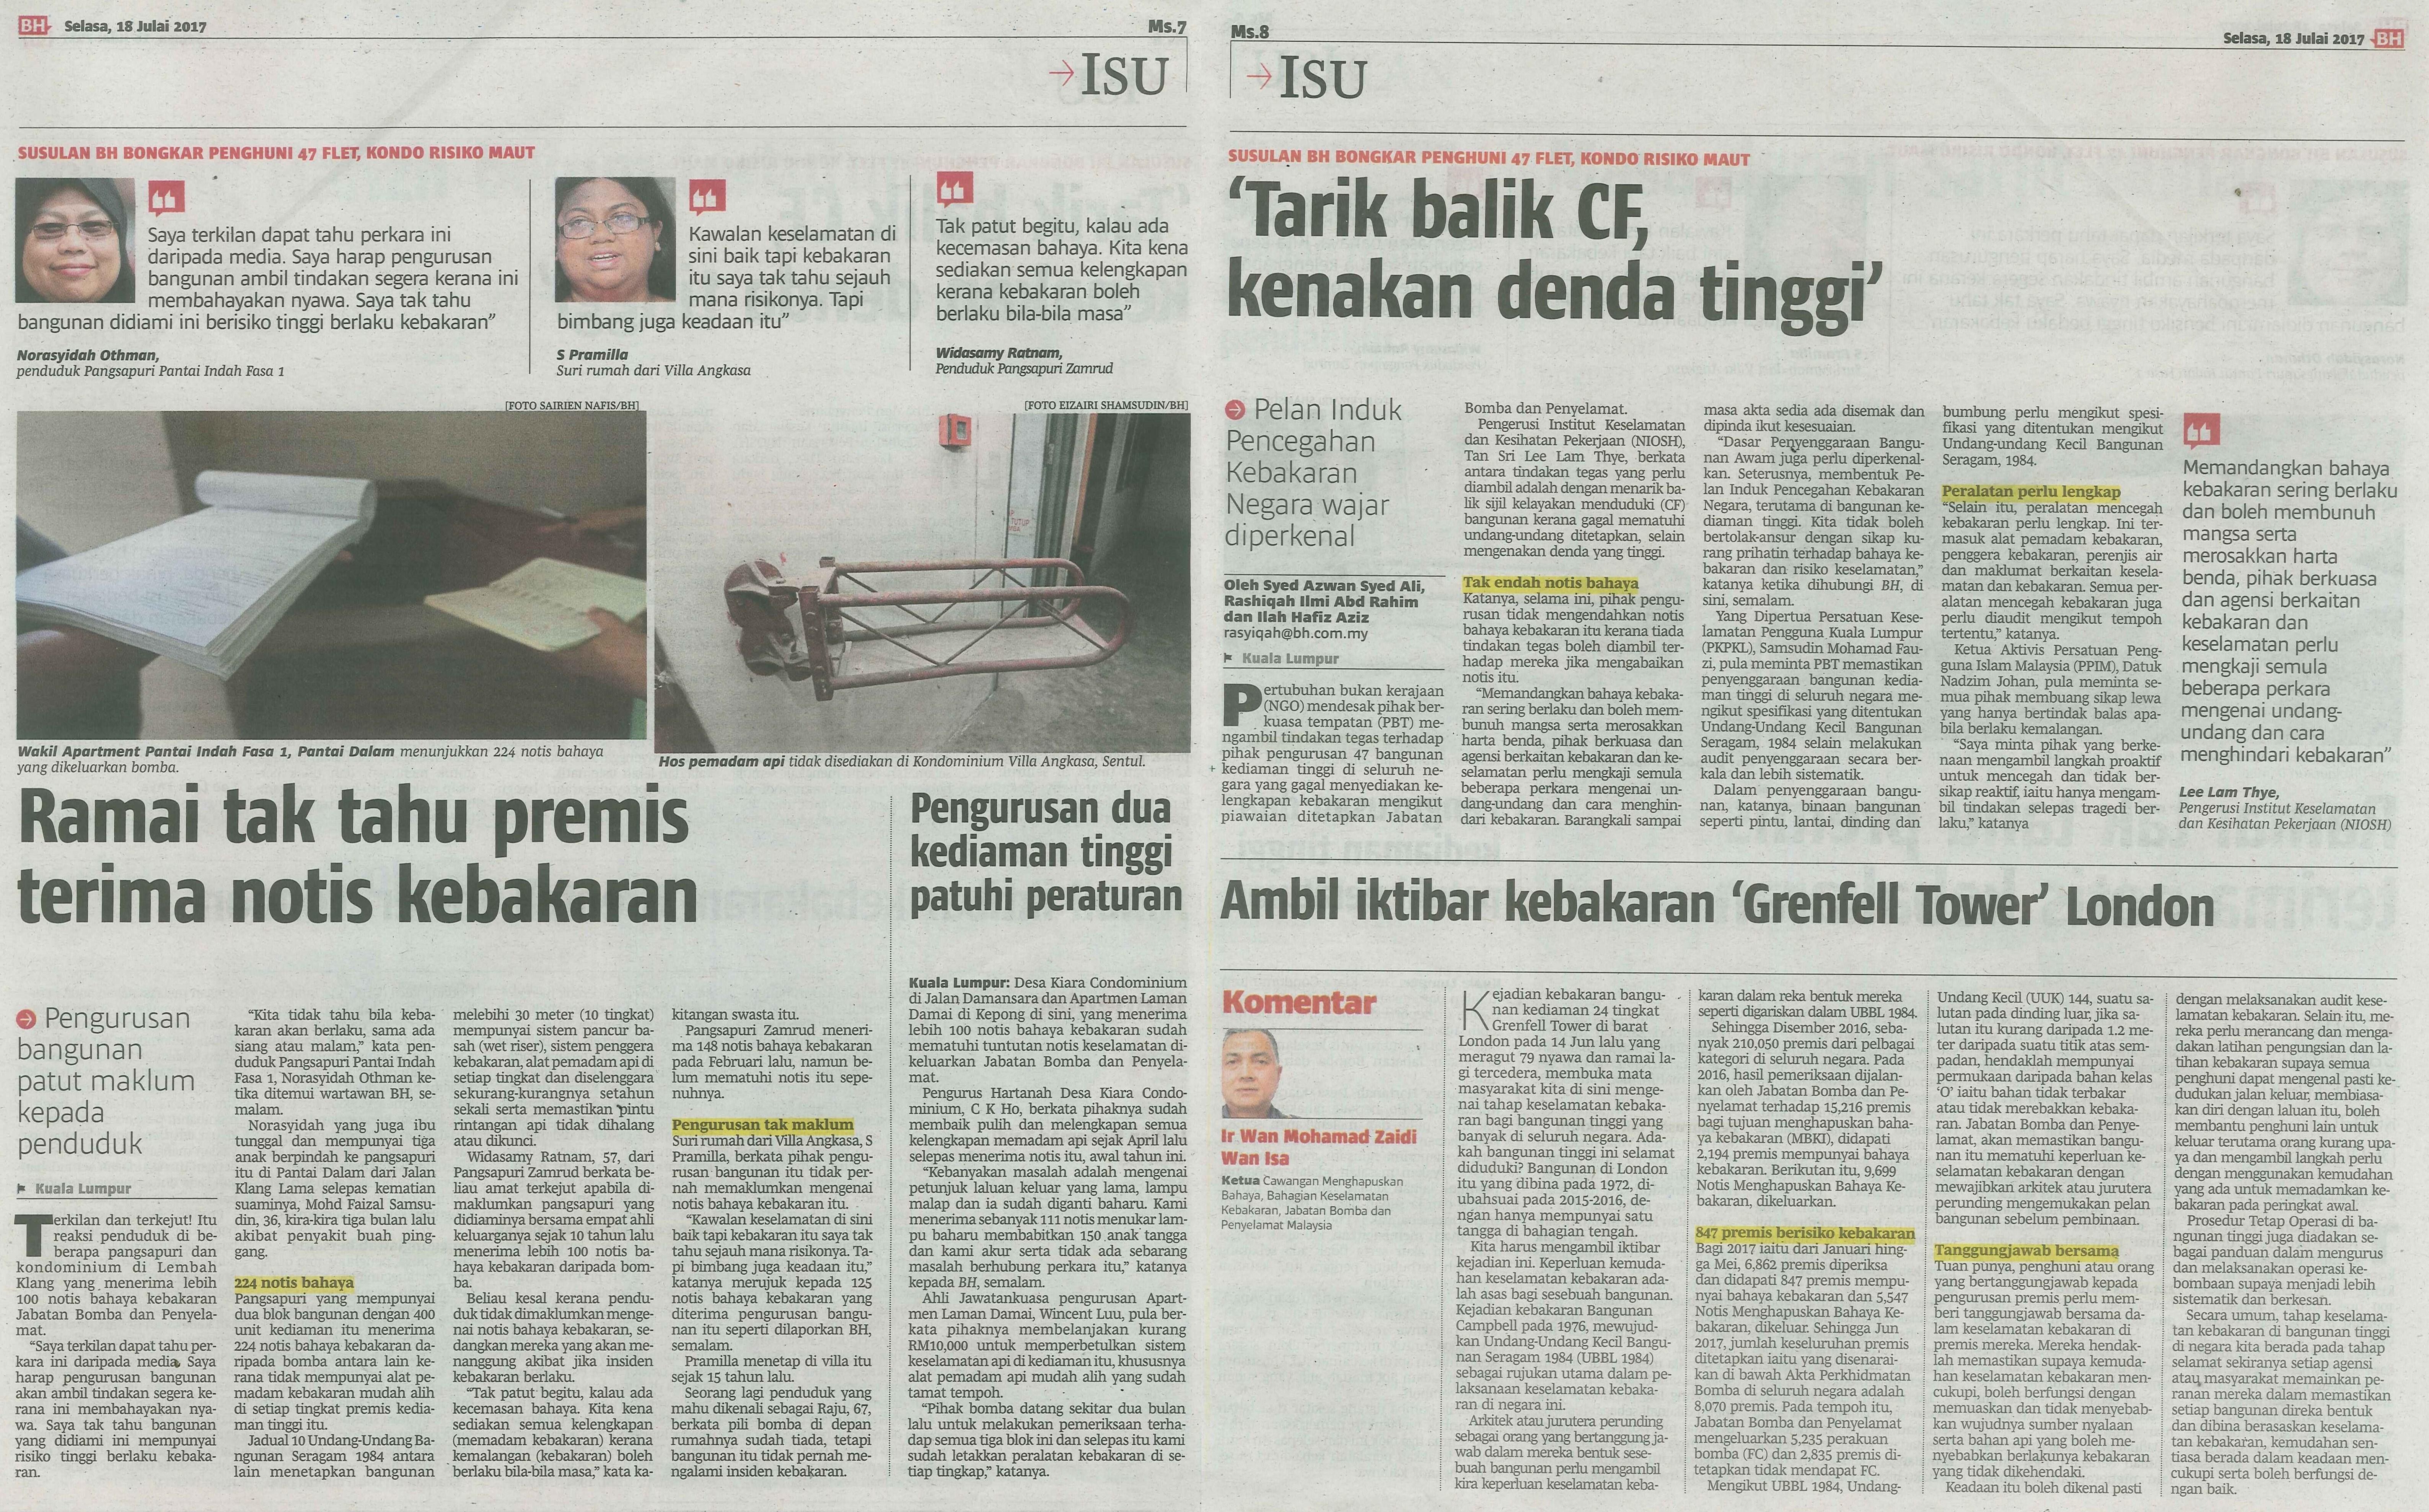 berita harian 18.7.2017.jpg 2